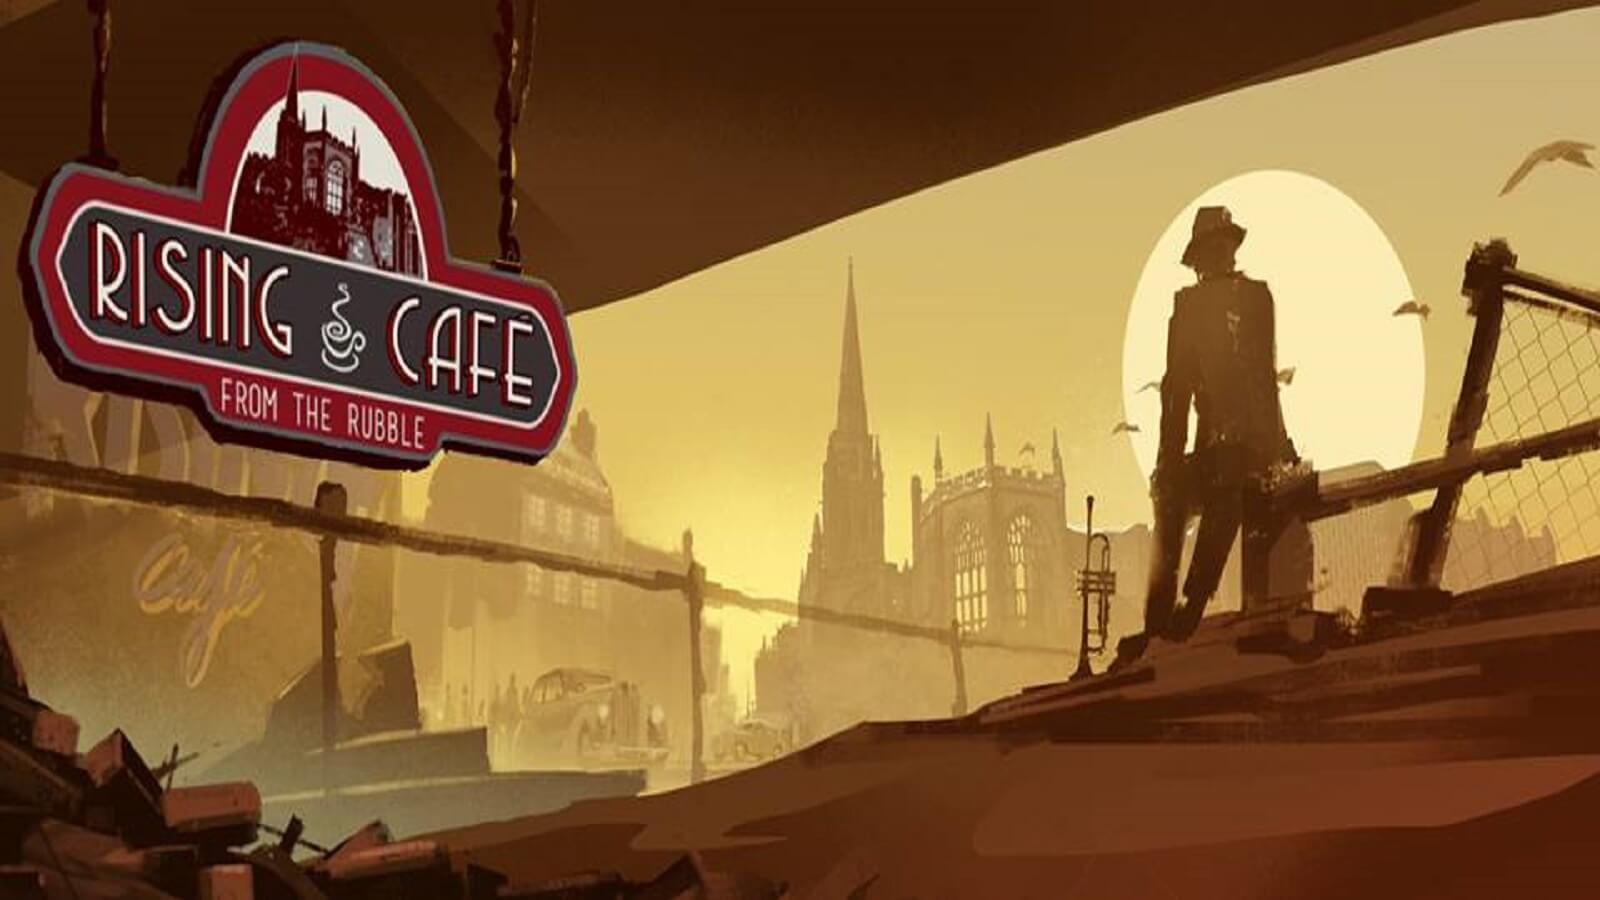 Rising Café